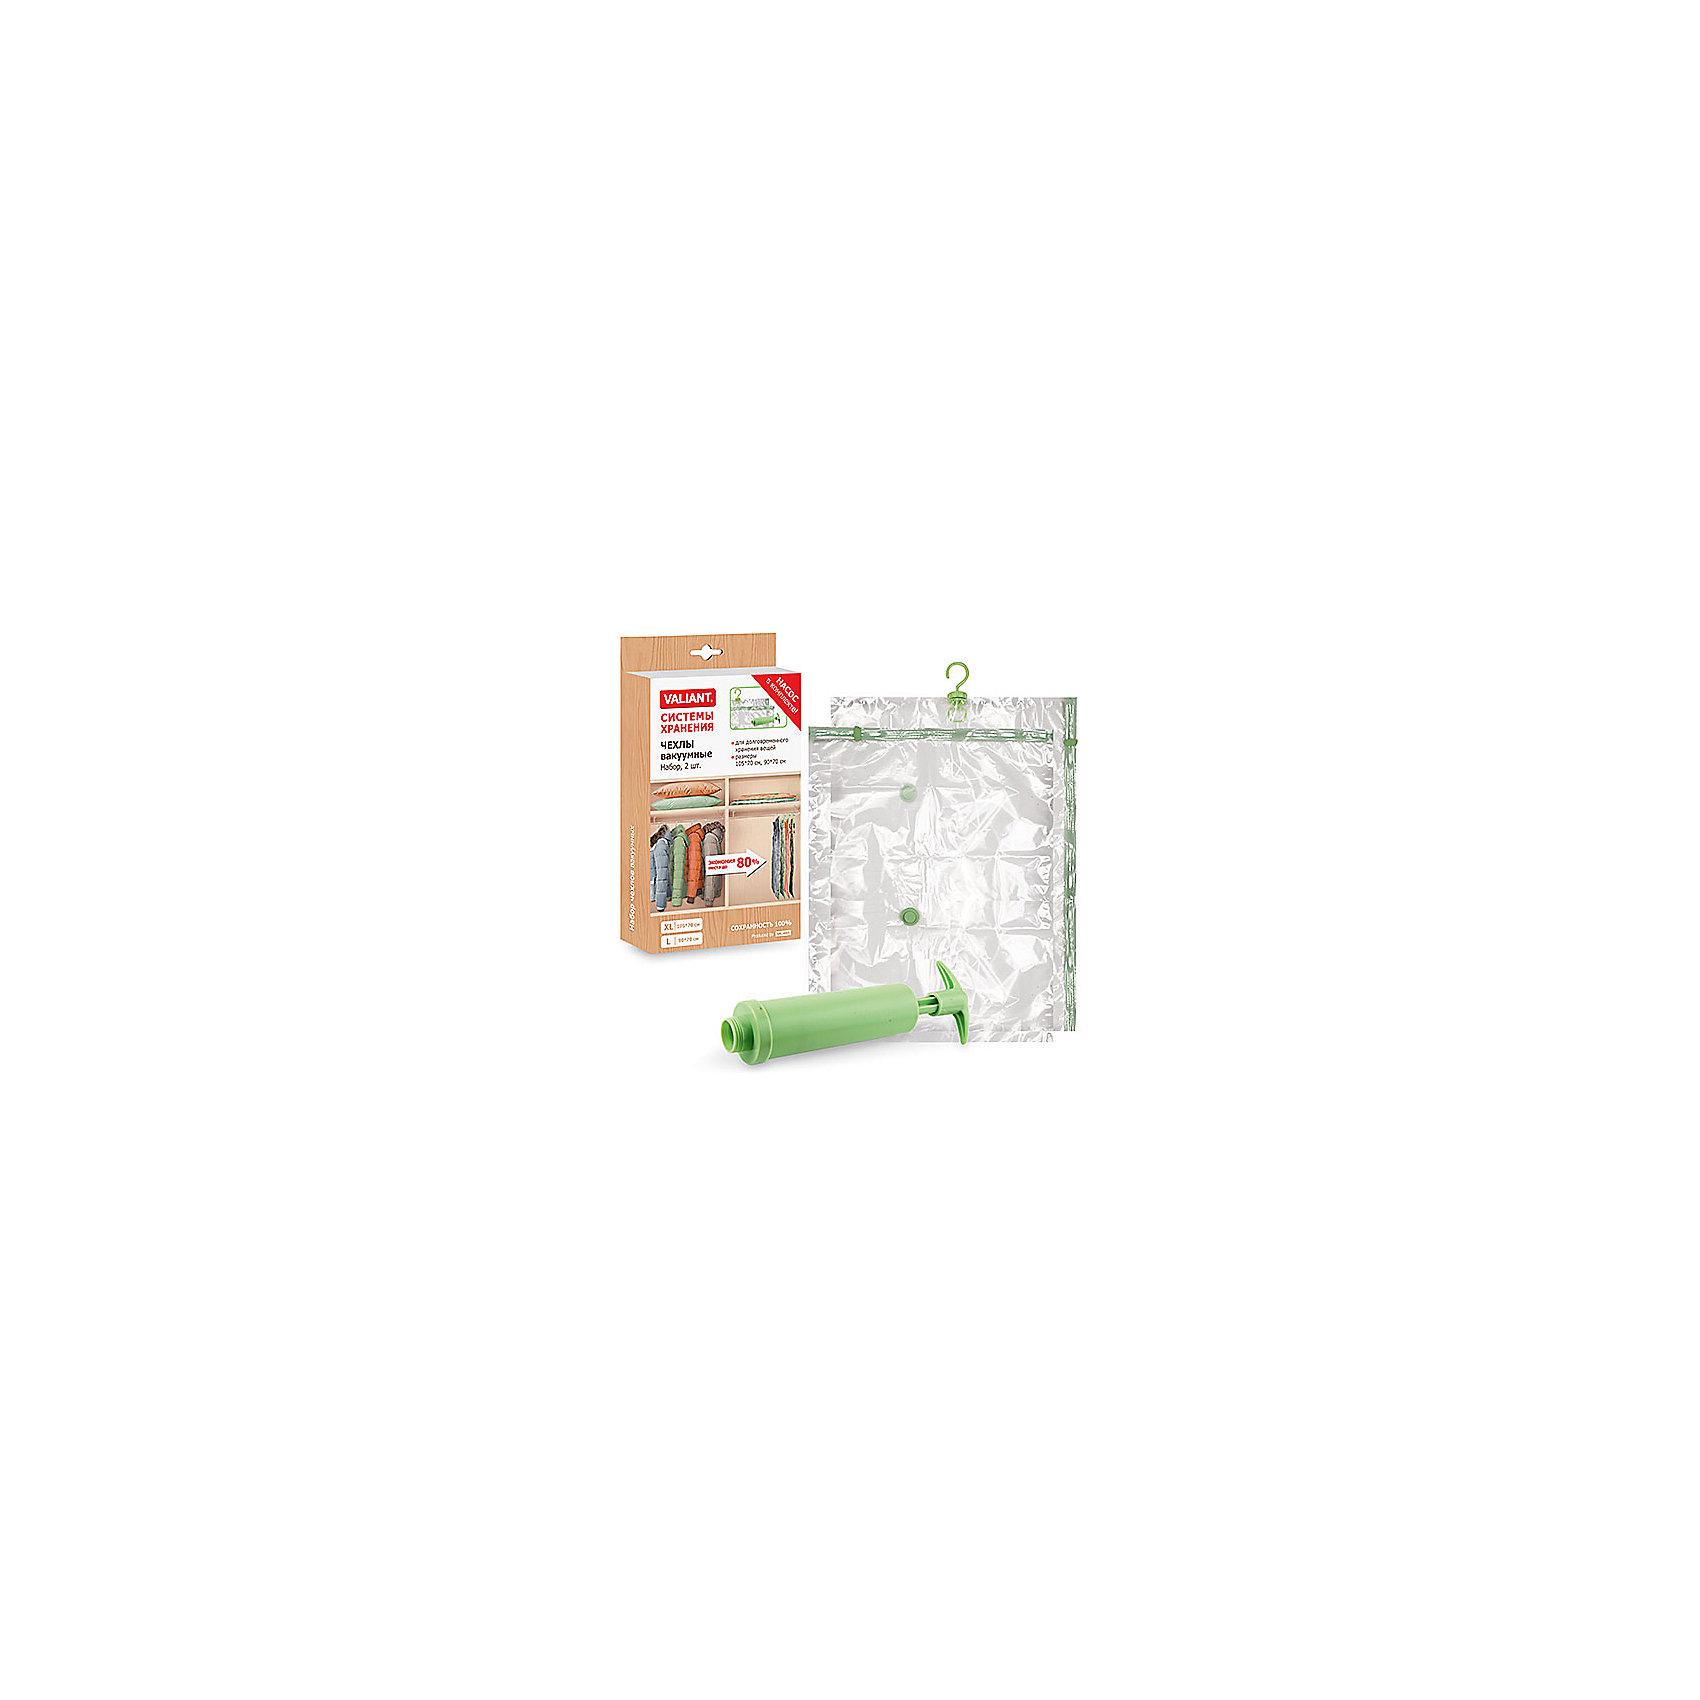 Набор чехлов для вакуумного хранения, 2 шт. 105*70см и 90*70см + насос, Valiant